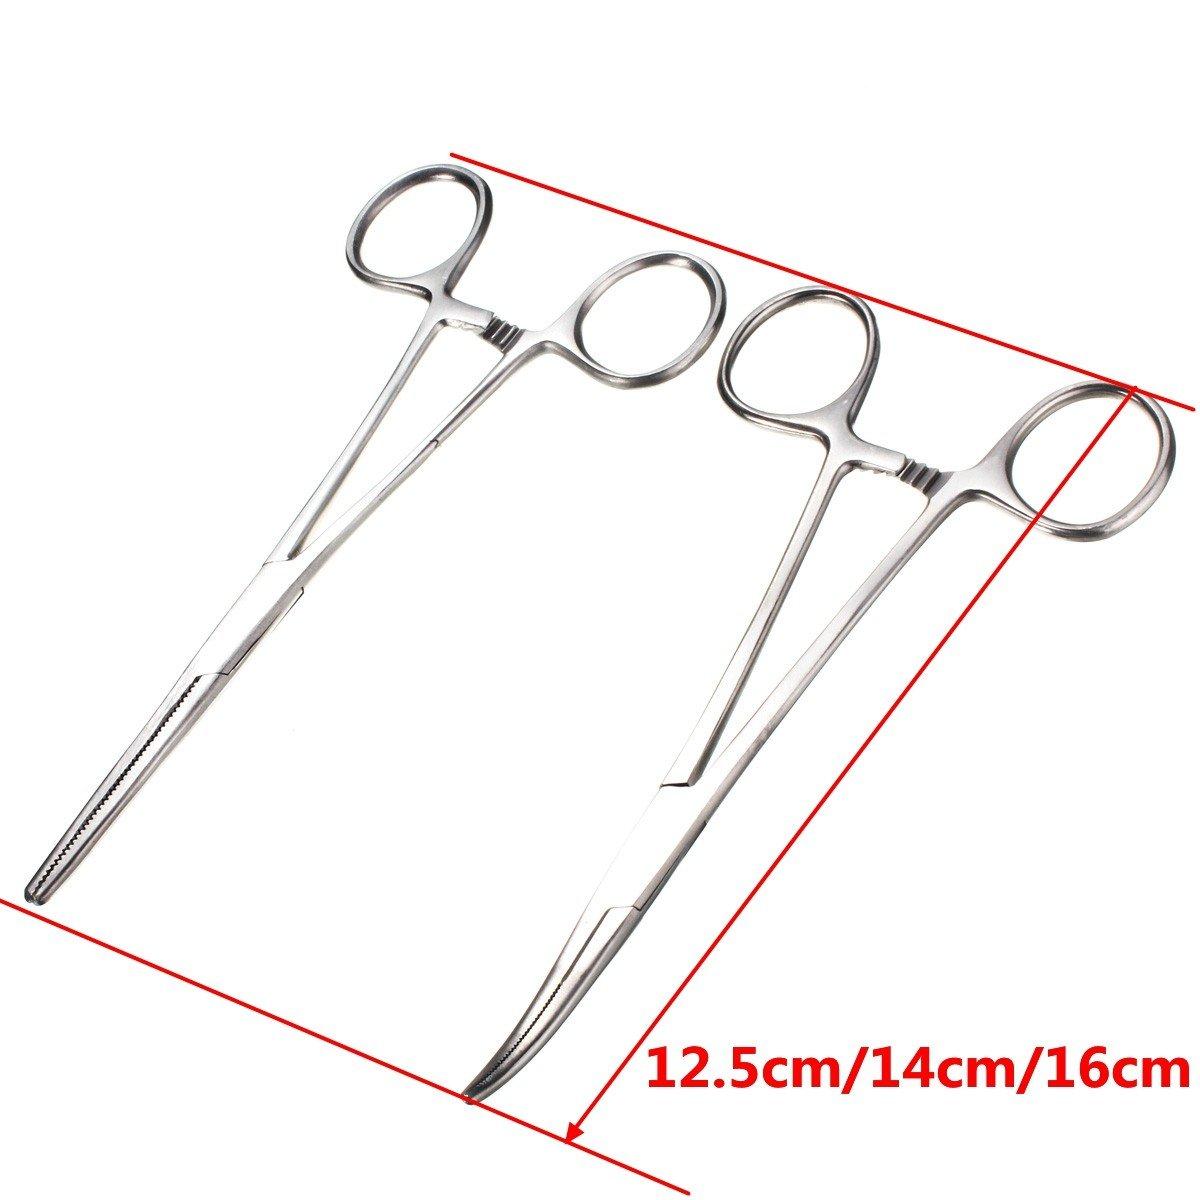 14cm ExcLent Pinzas Curvas Rectas Autoblocantes De Acero Inoxidable Enfermer/ía 12.5//14 16Cm